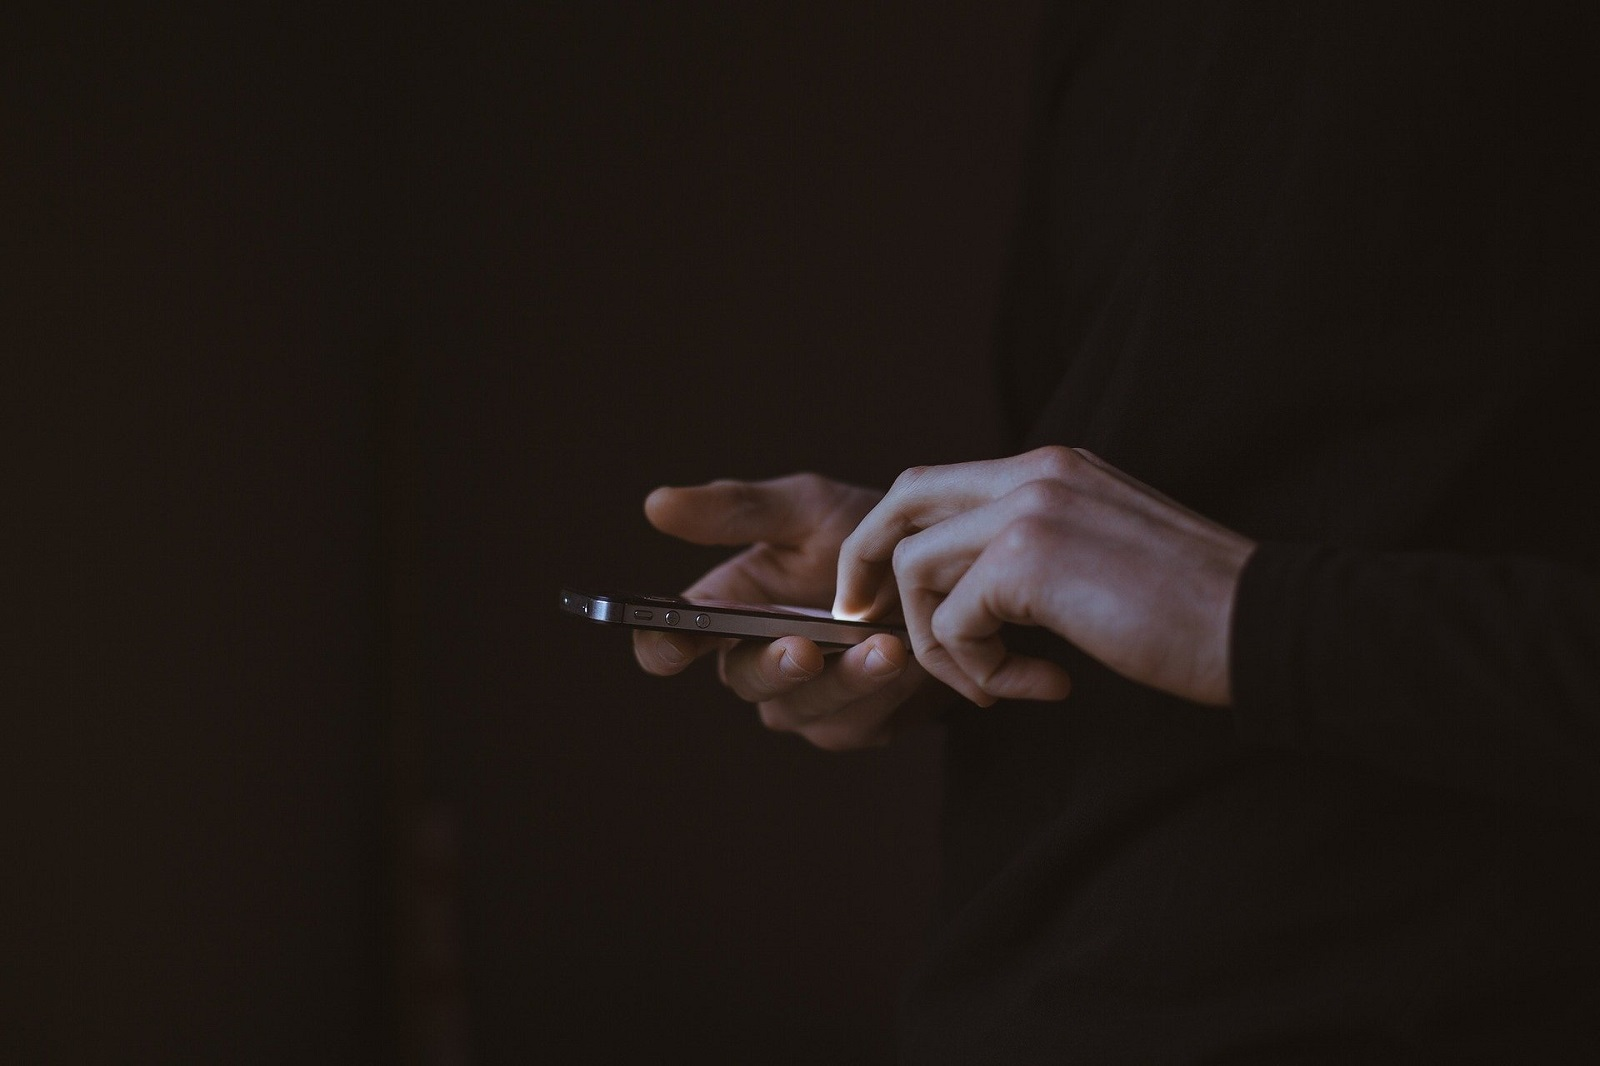 Ein Leben ohne Smartphone